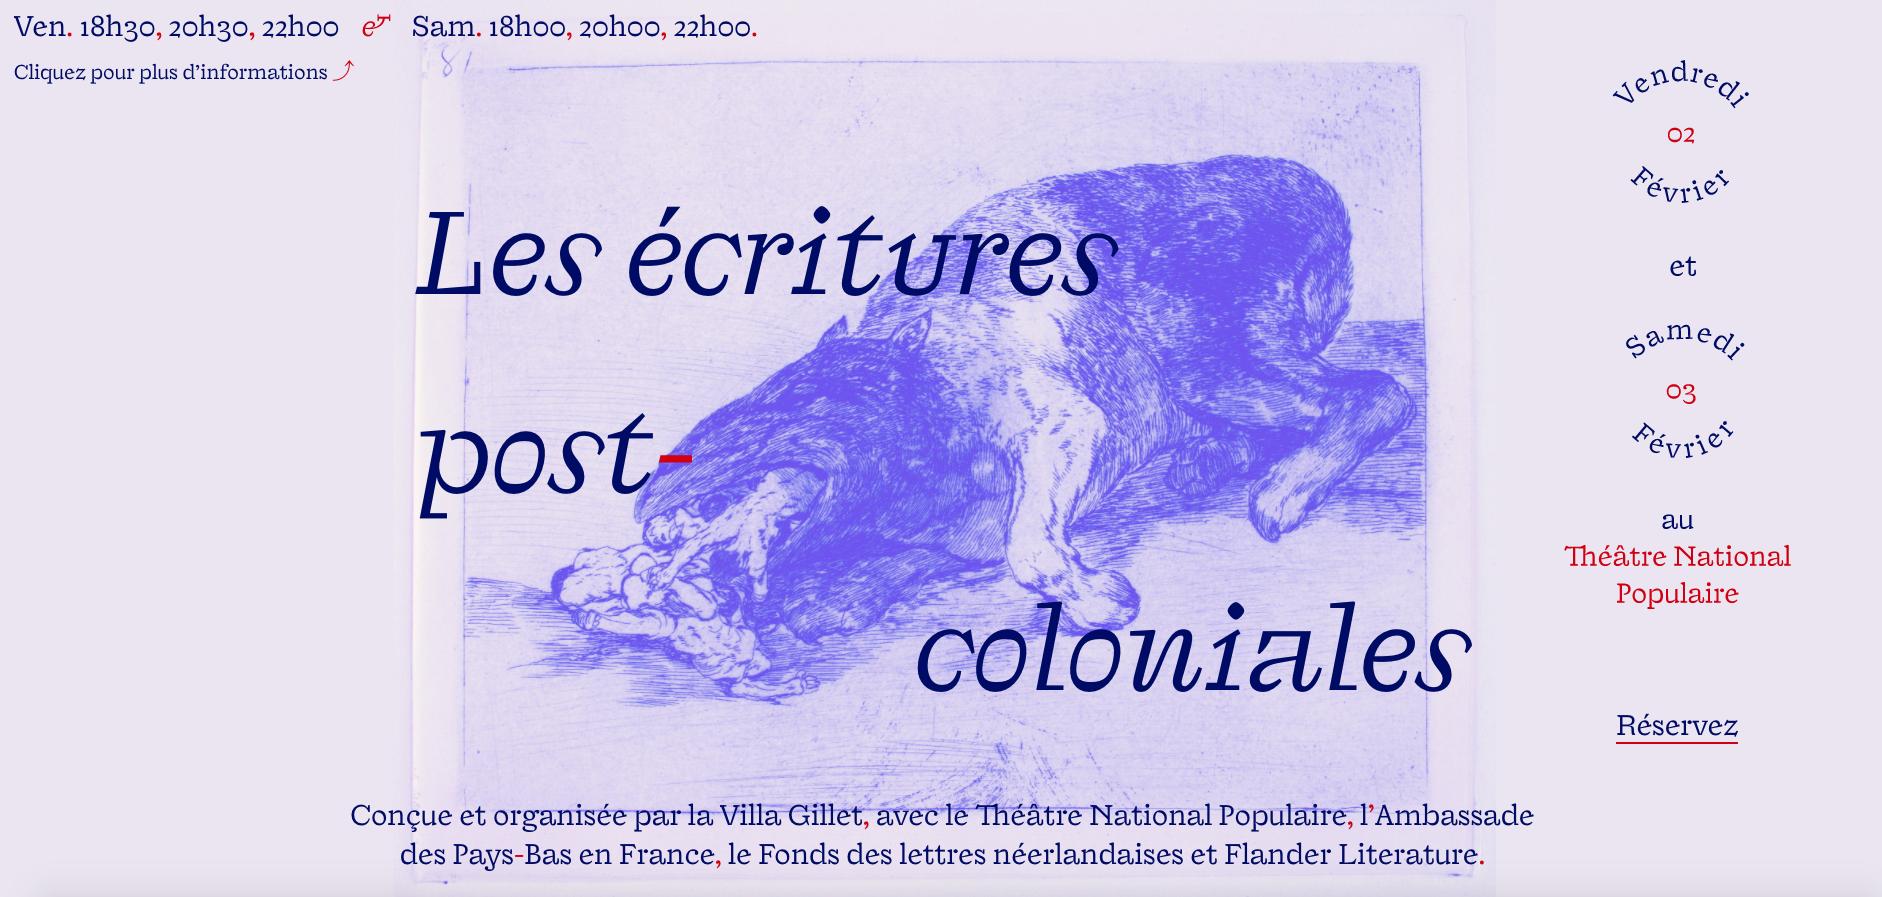 Les écritures postcoloniales http://www.villagillet.net/affiche/ecritures_postcoloniales/